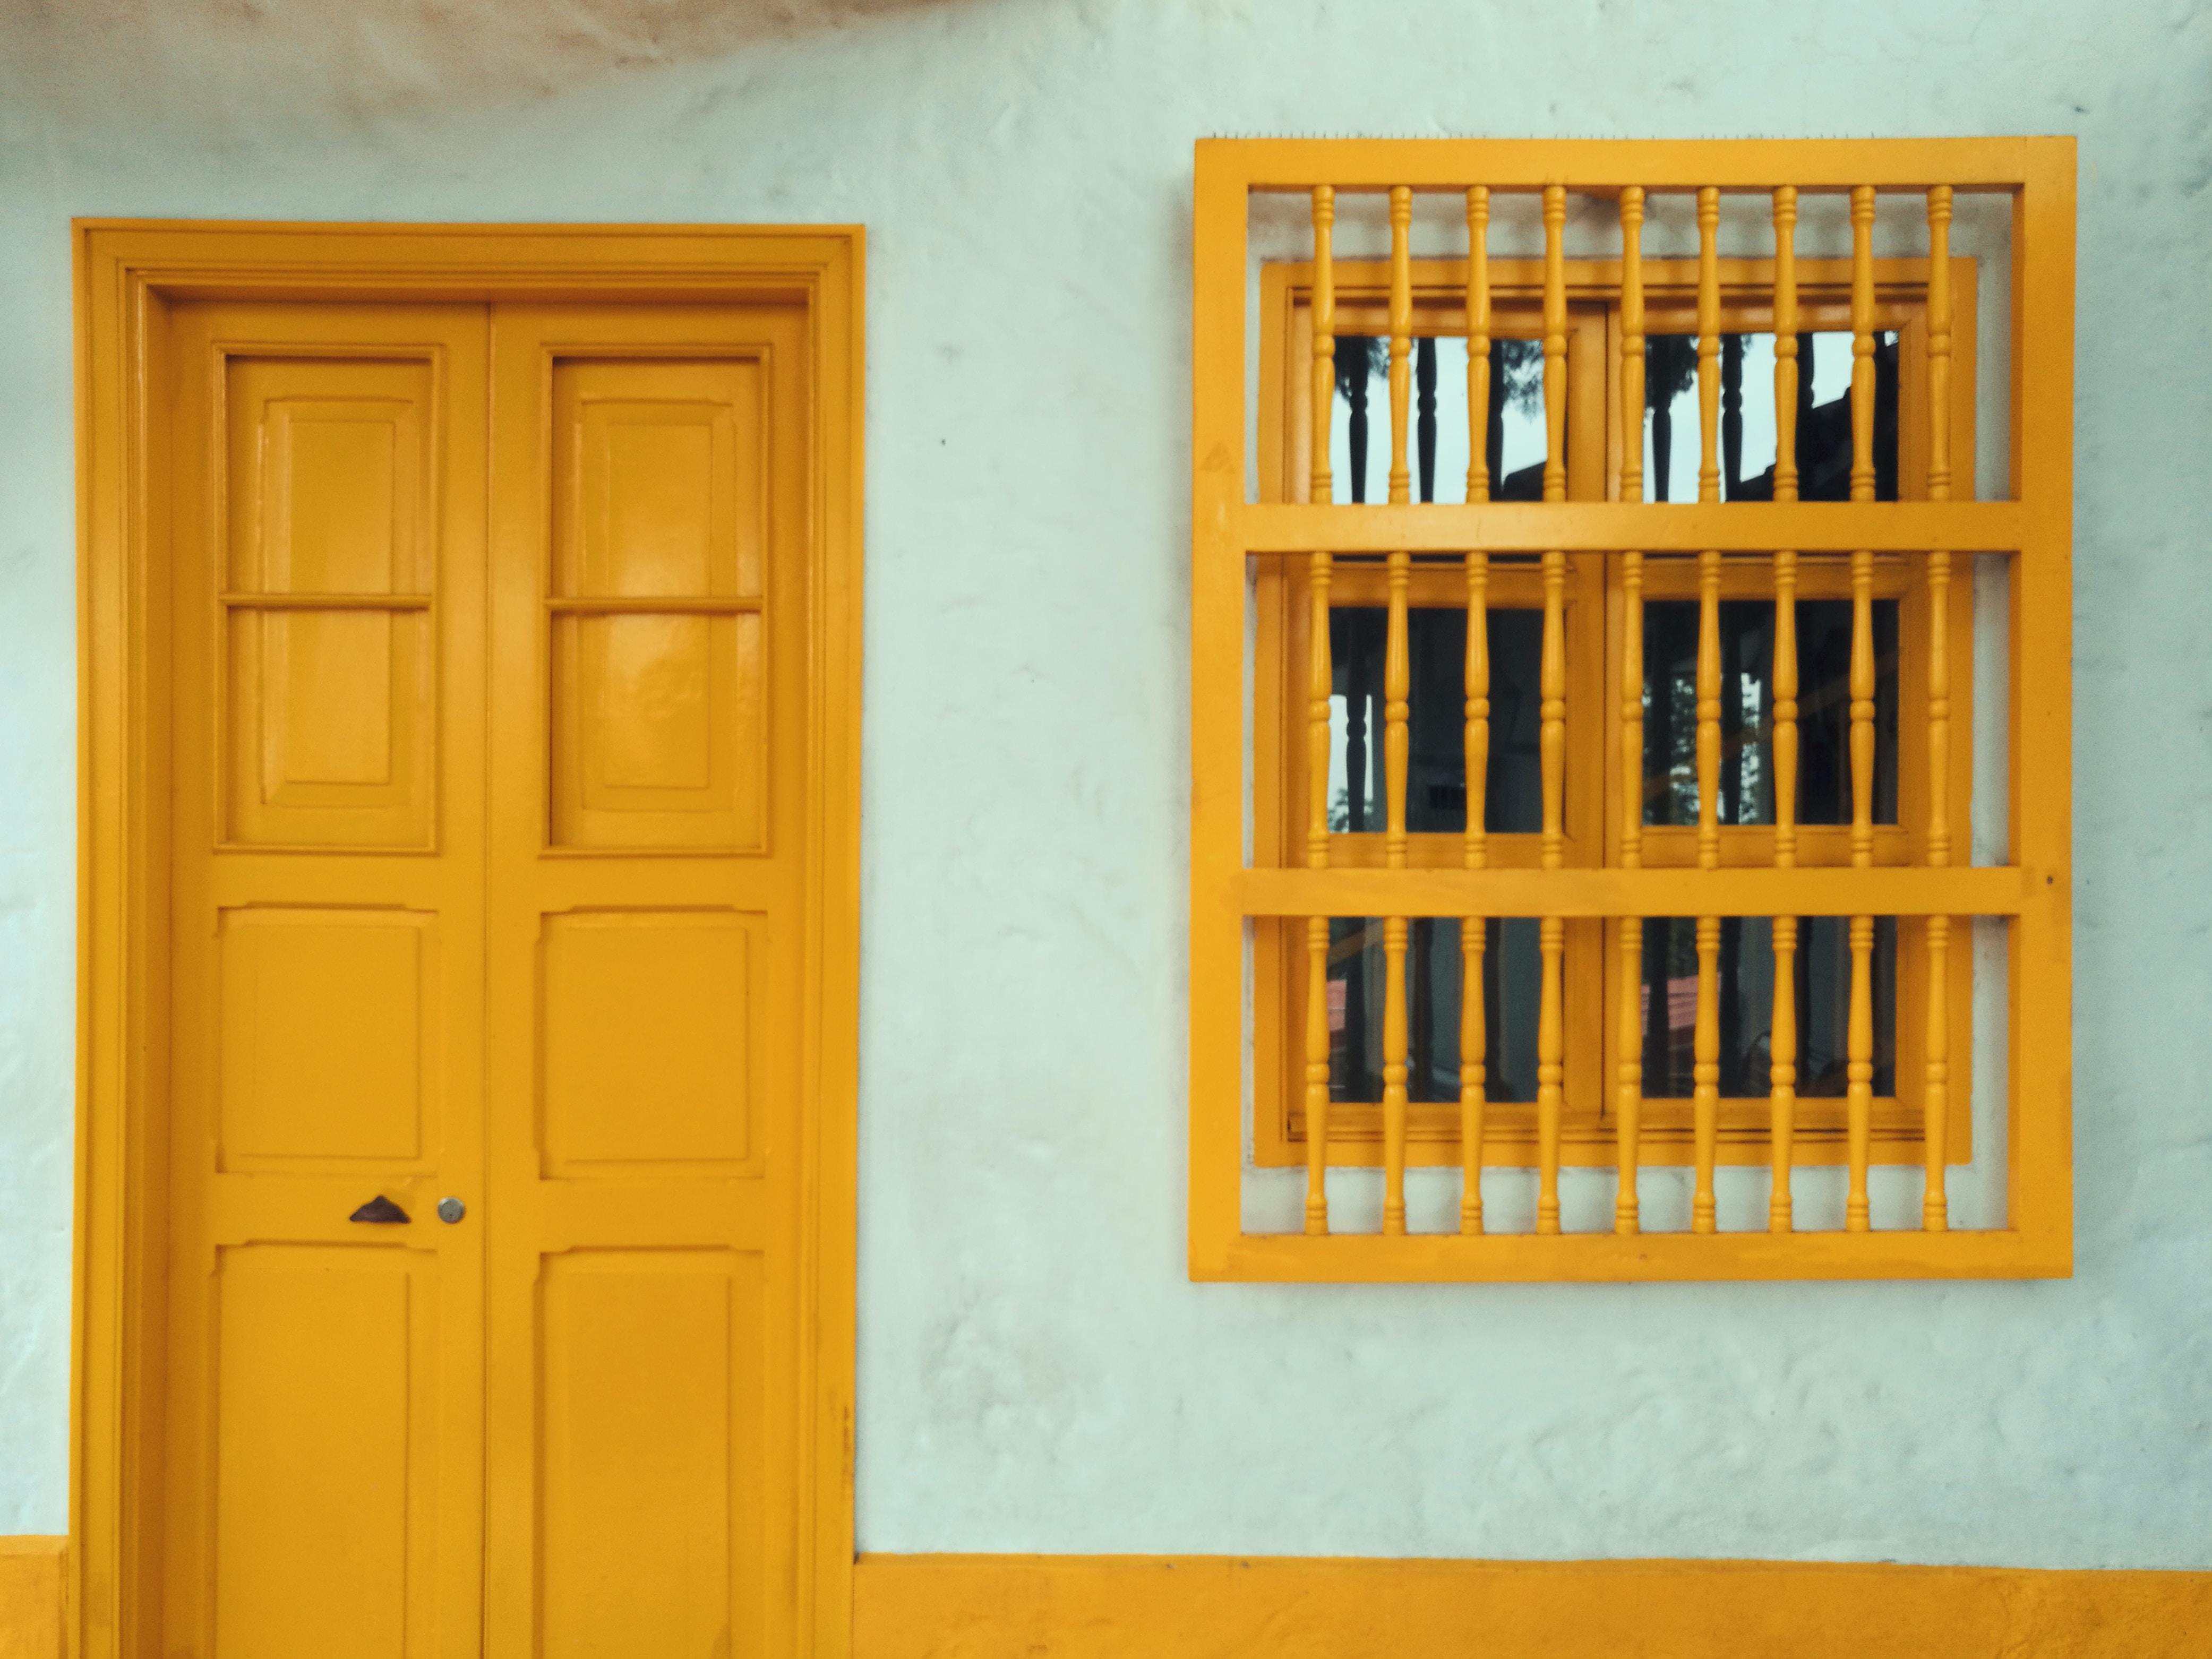 yellow 8-panel door beside window